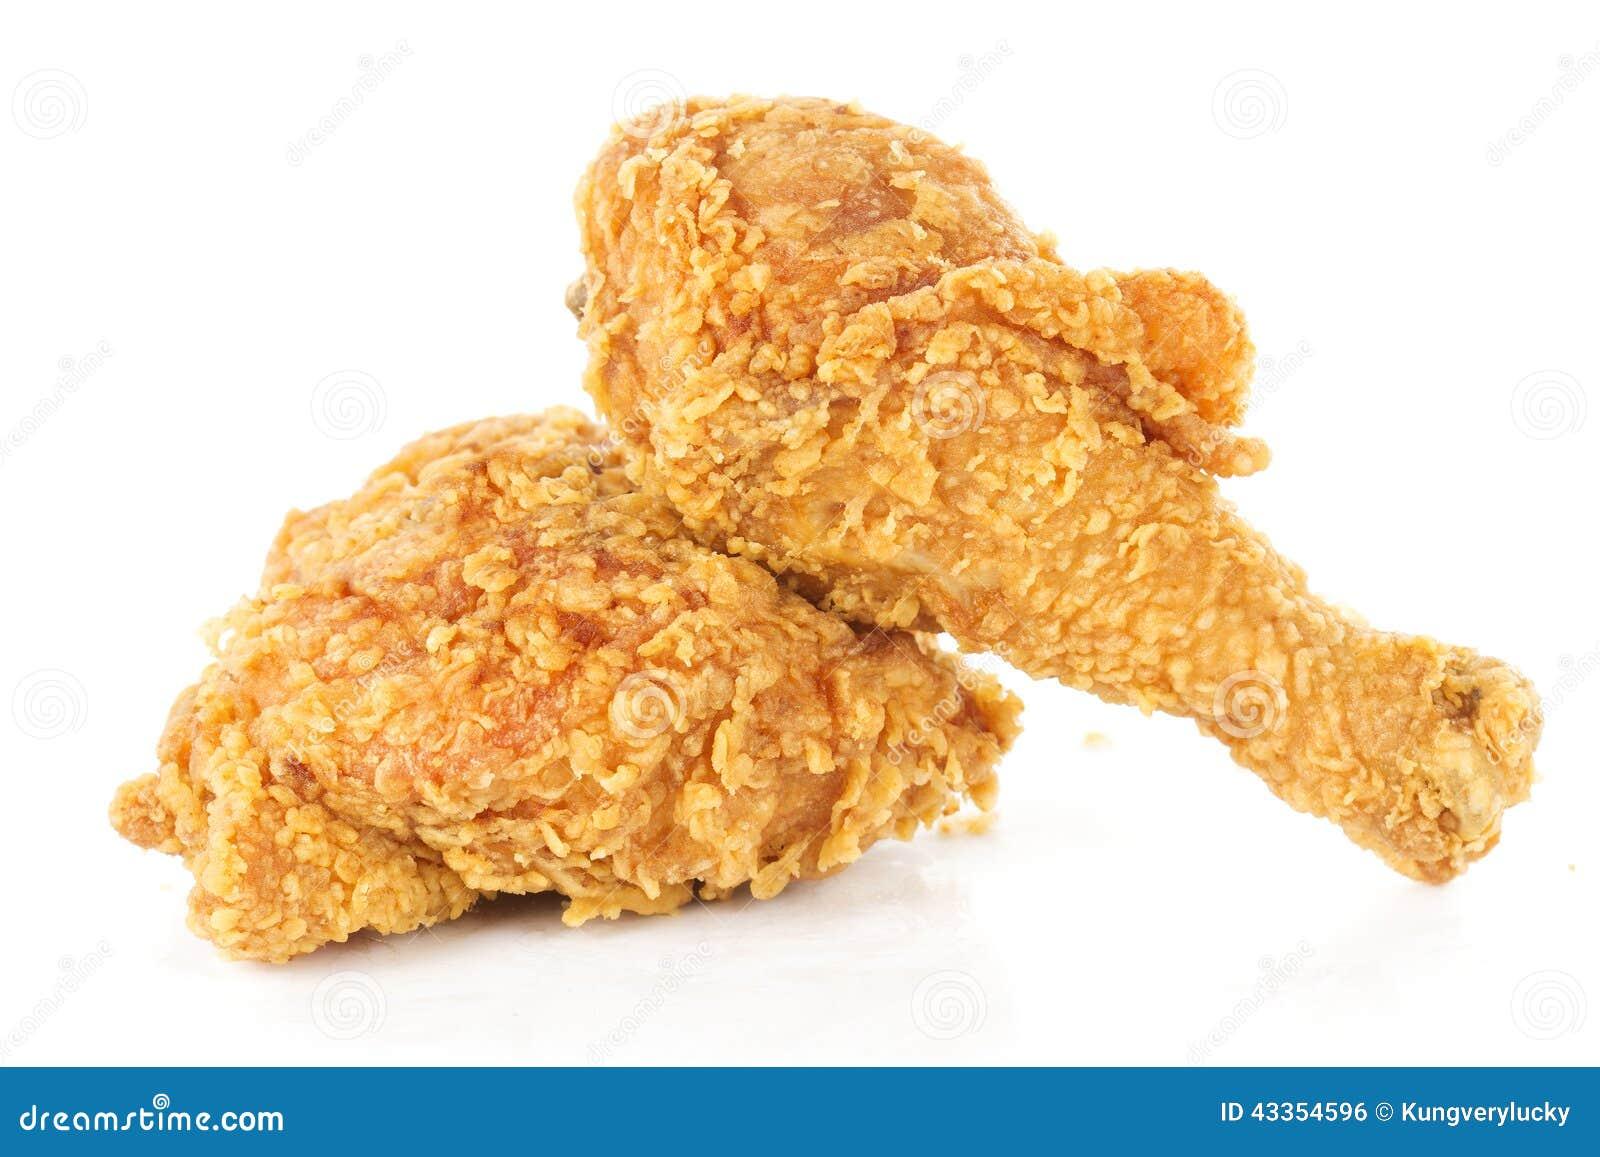 pilon et hanche de poulet frit photo stock image 43354596. Black Bedroom Furniture Sets. Home Design Ideas